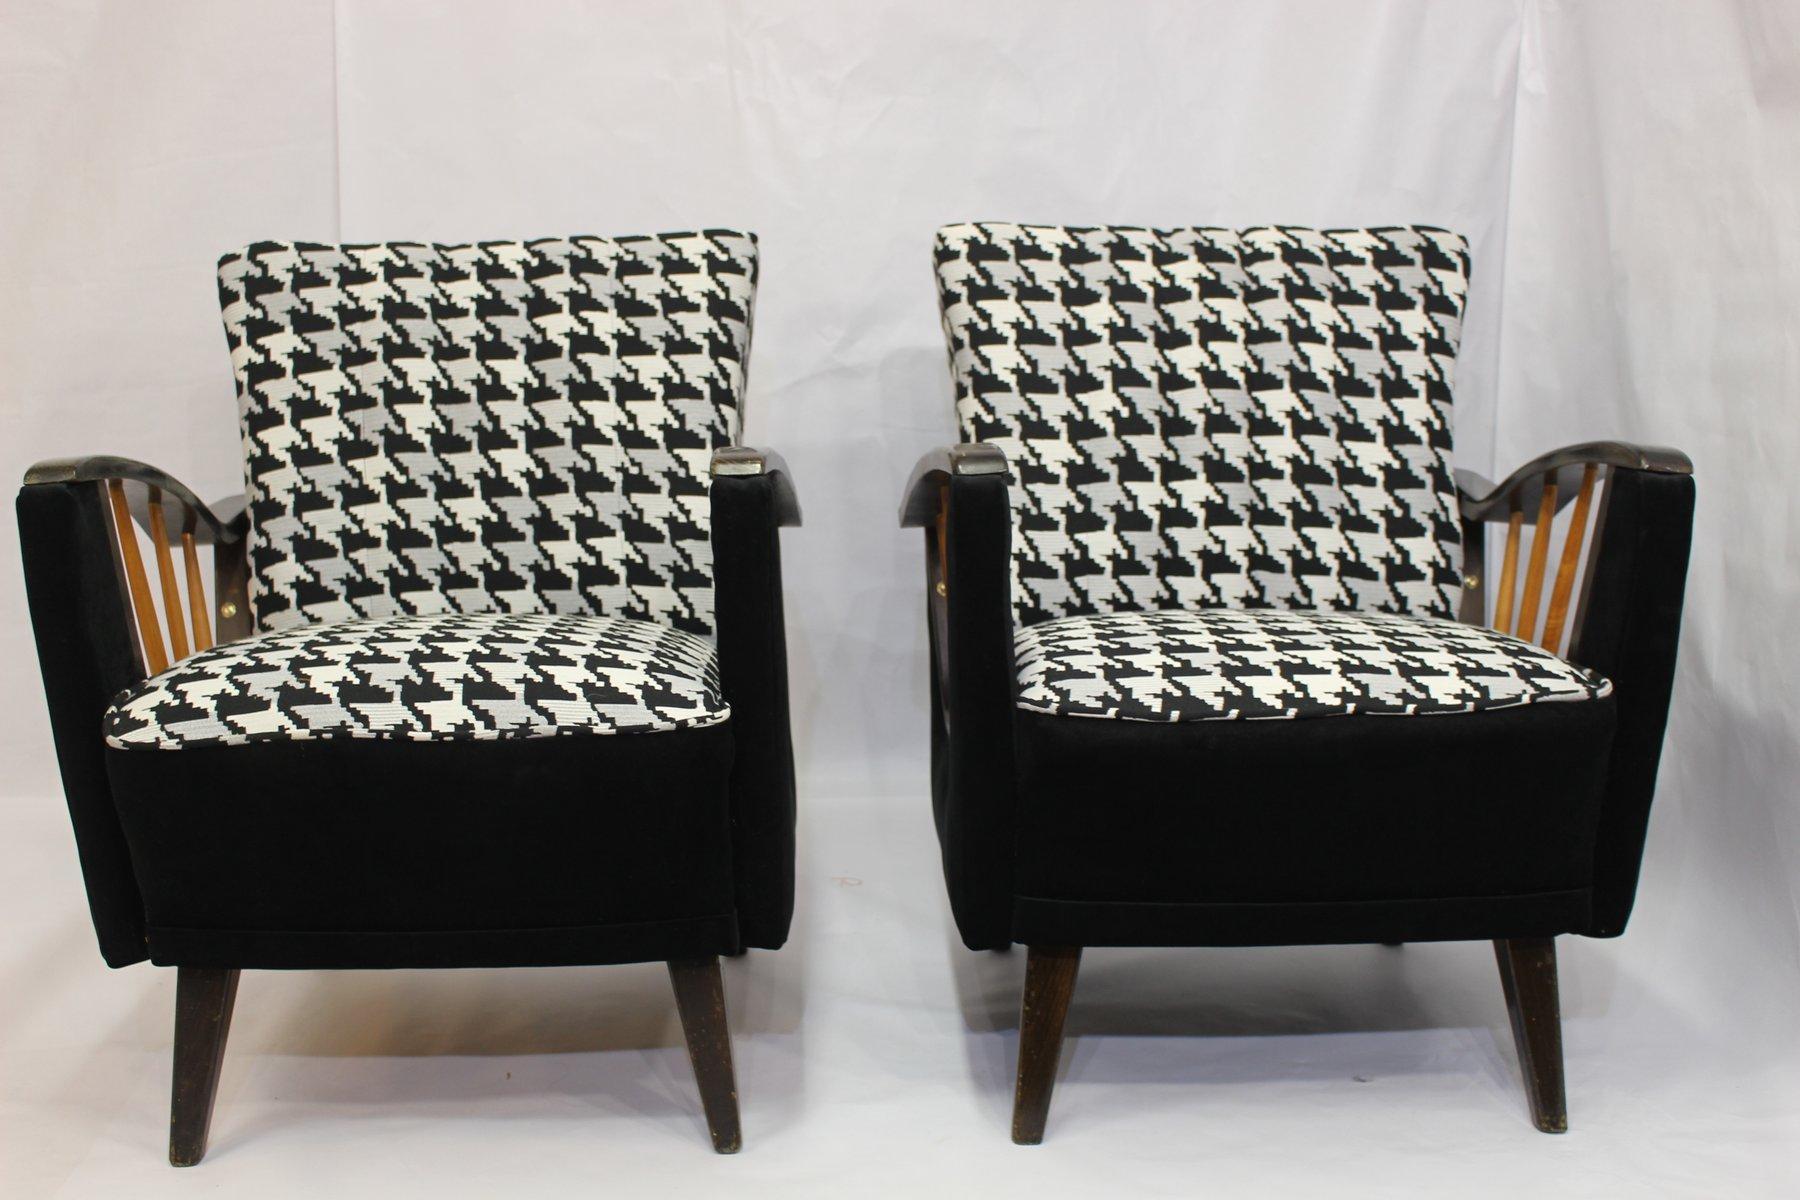 schwarz wei e sessel mit spindel armlehnen 1950er 2er. Black Bedroom Furniture Sets. Home Design Ideas